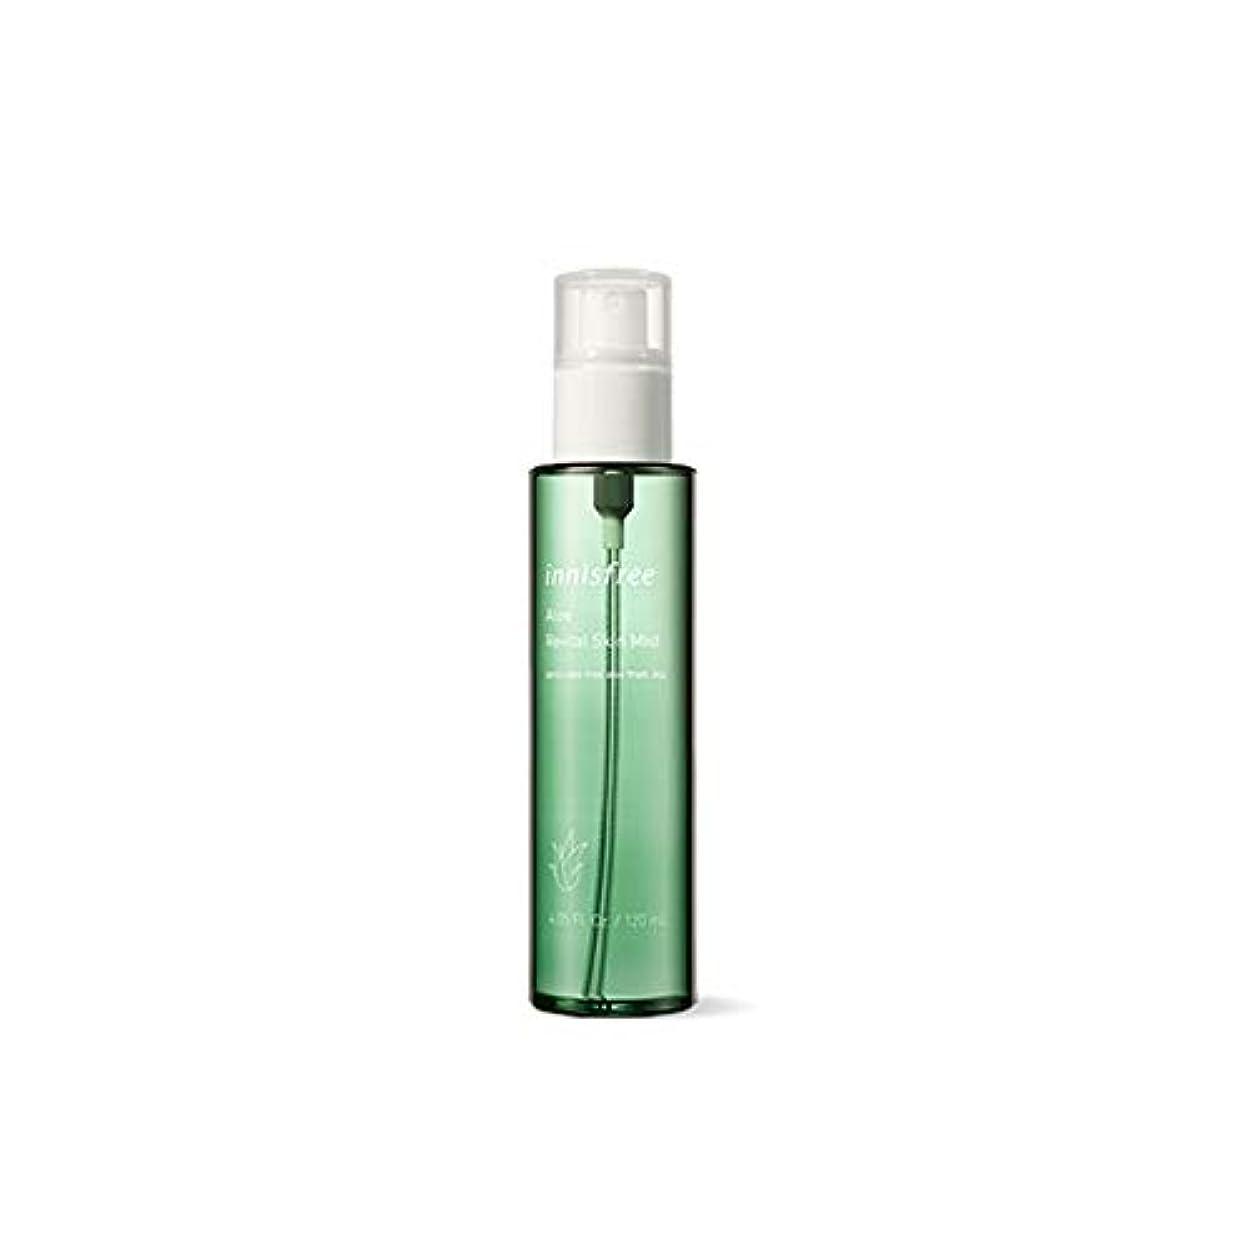 ギャングスターアルプスバナナイニスフリー Innisfree アロエ リバイタル スキンミスト(120ml)2015.6. Innisfree Aloe Revital Skin Mist(120ml) [海外直送品]